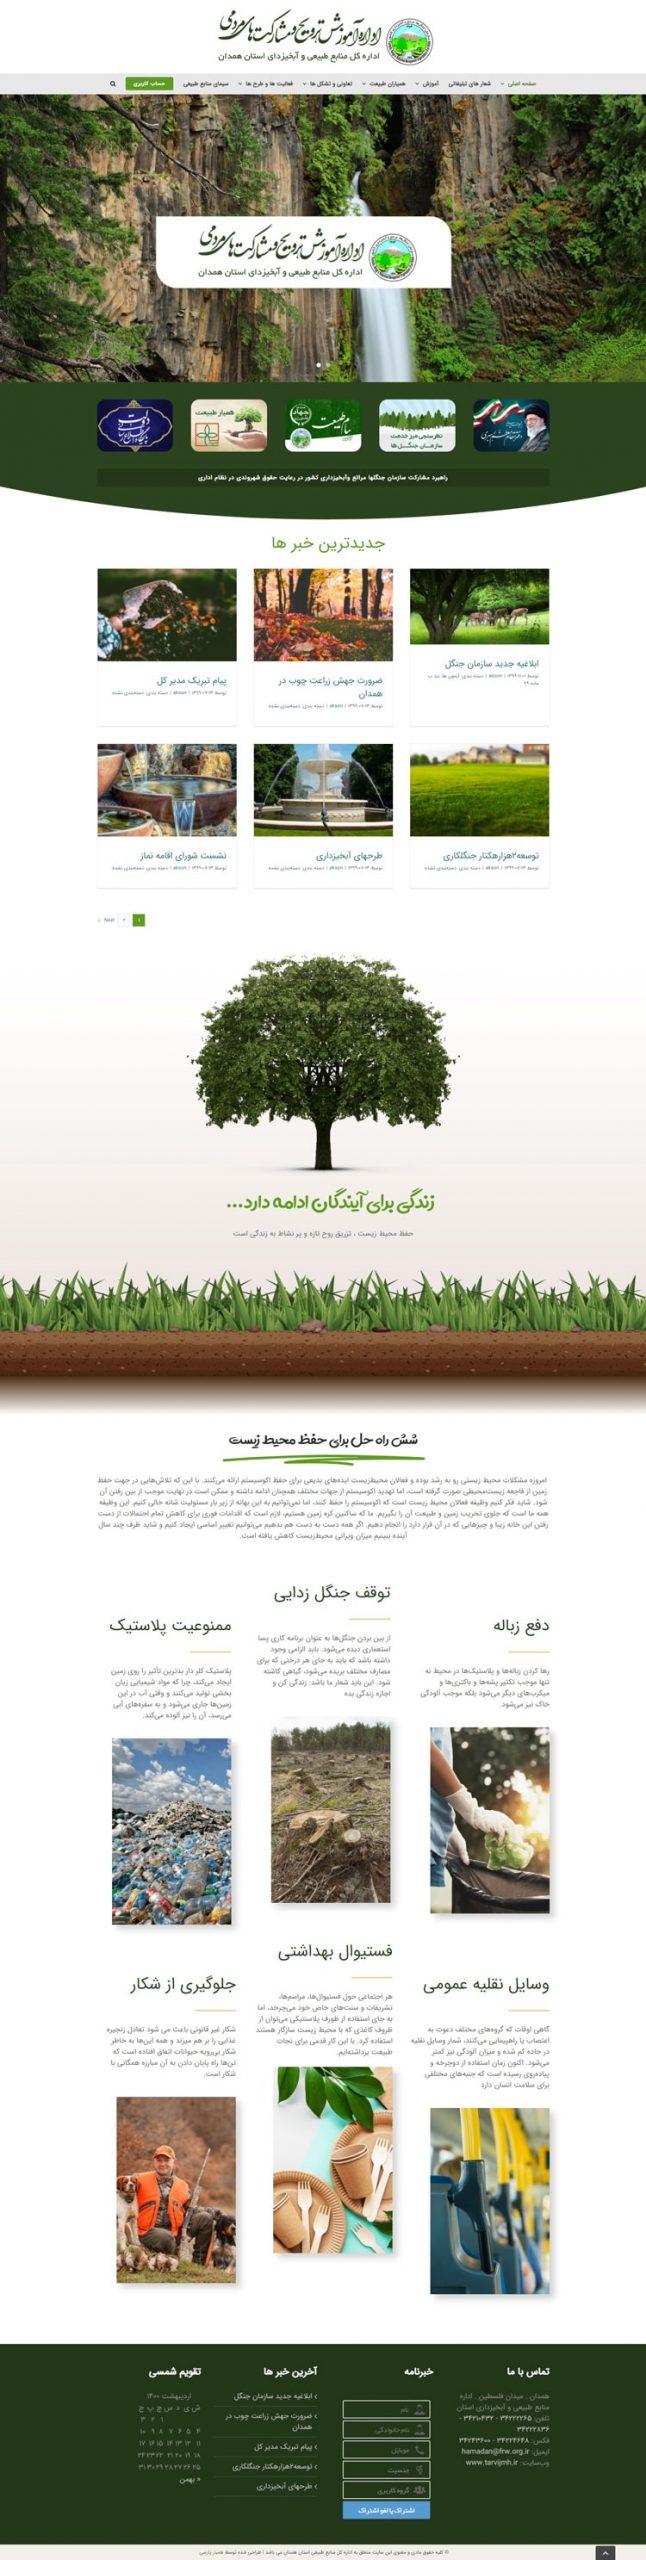 طراحی سایت اداره منابع طبیعی همدان